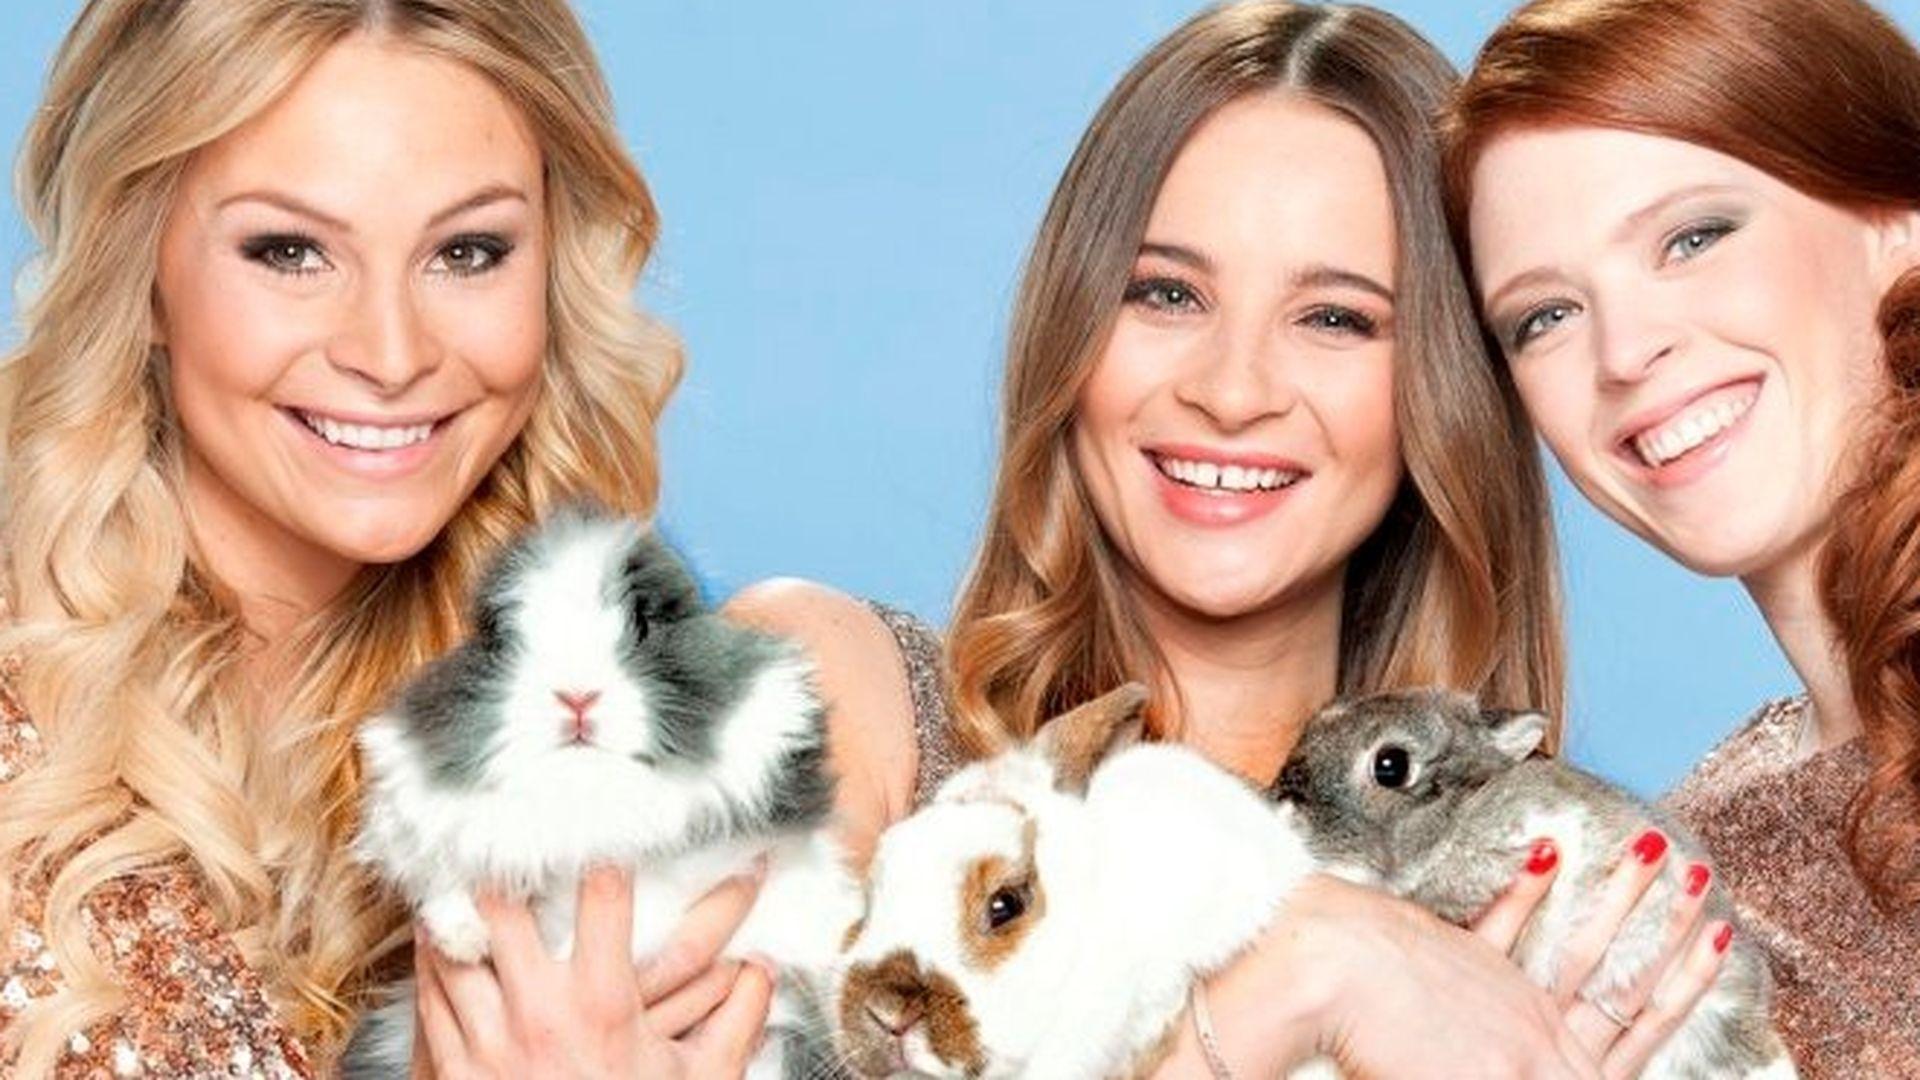 Diese Verbotene Liebe-Girls lieben den Osterhasen!